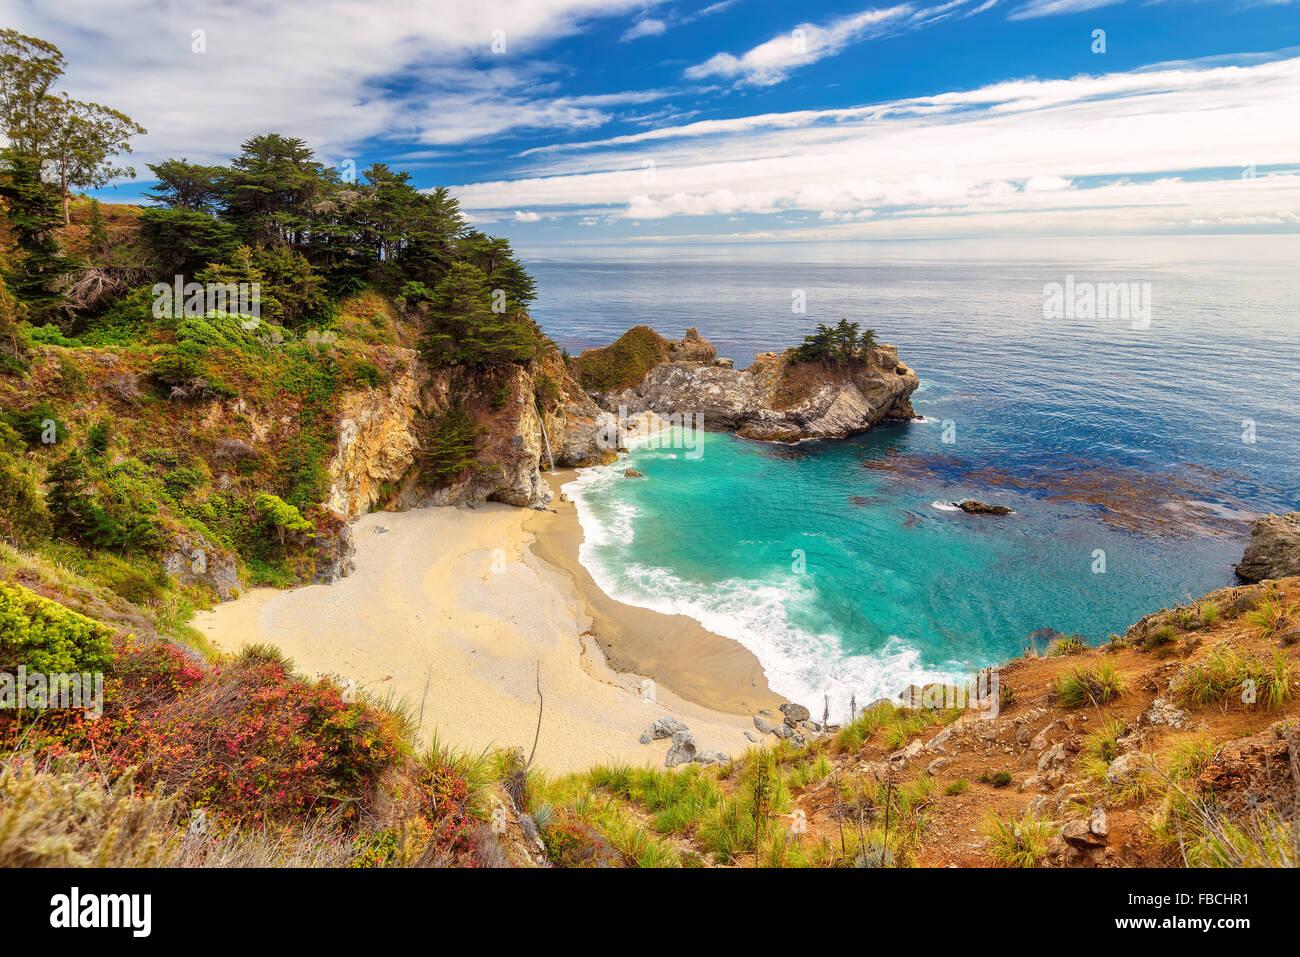 Bellissima spiaggia e cade, California, Stati Uniti Immagini Stock